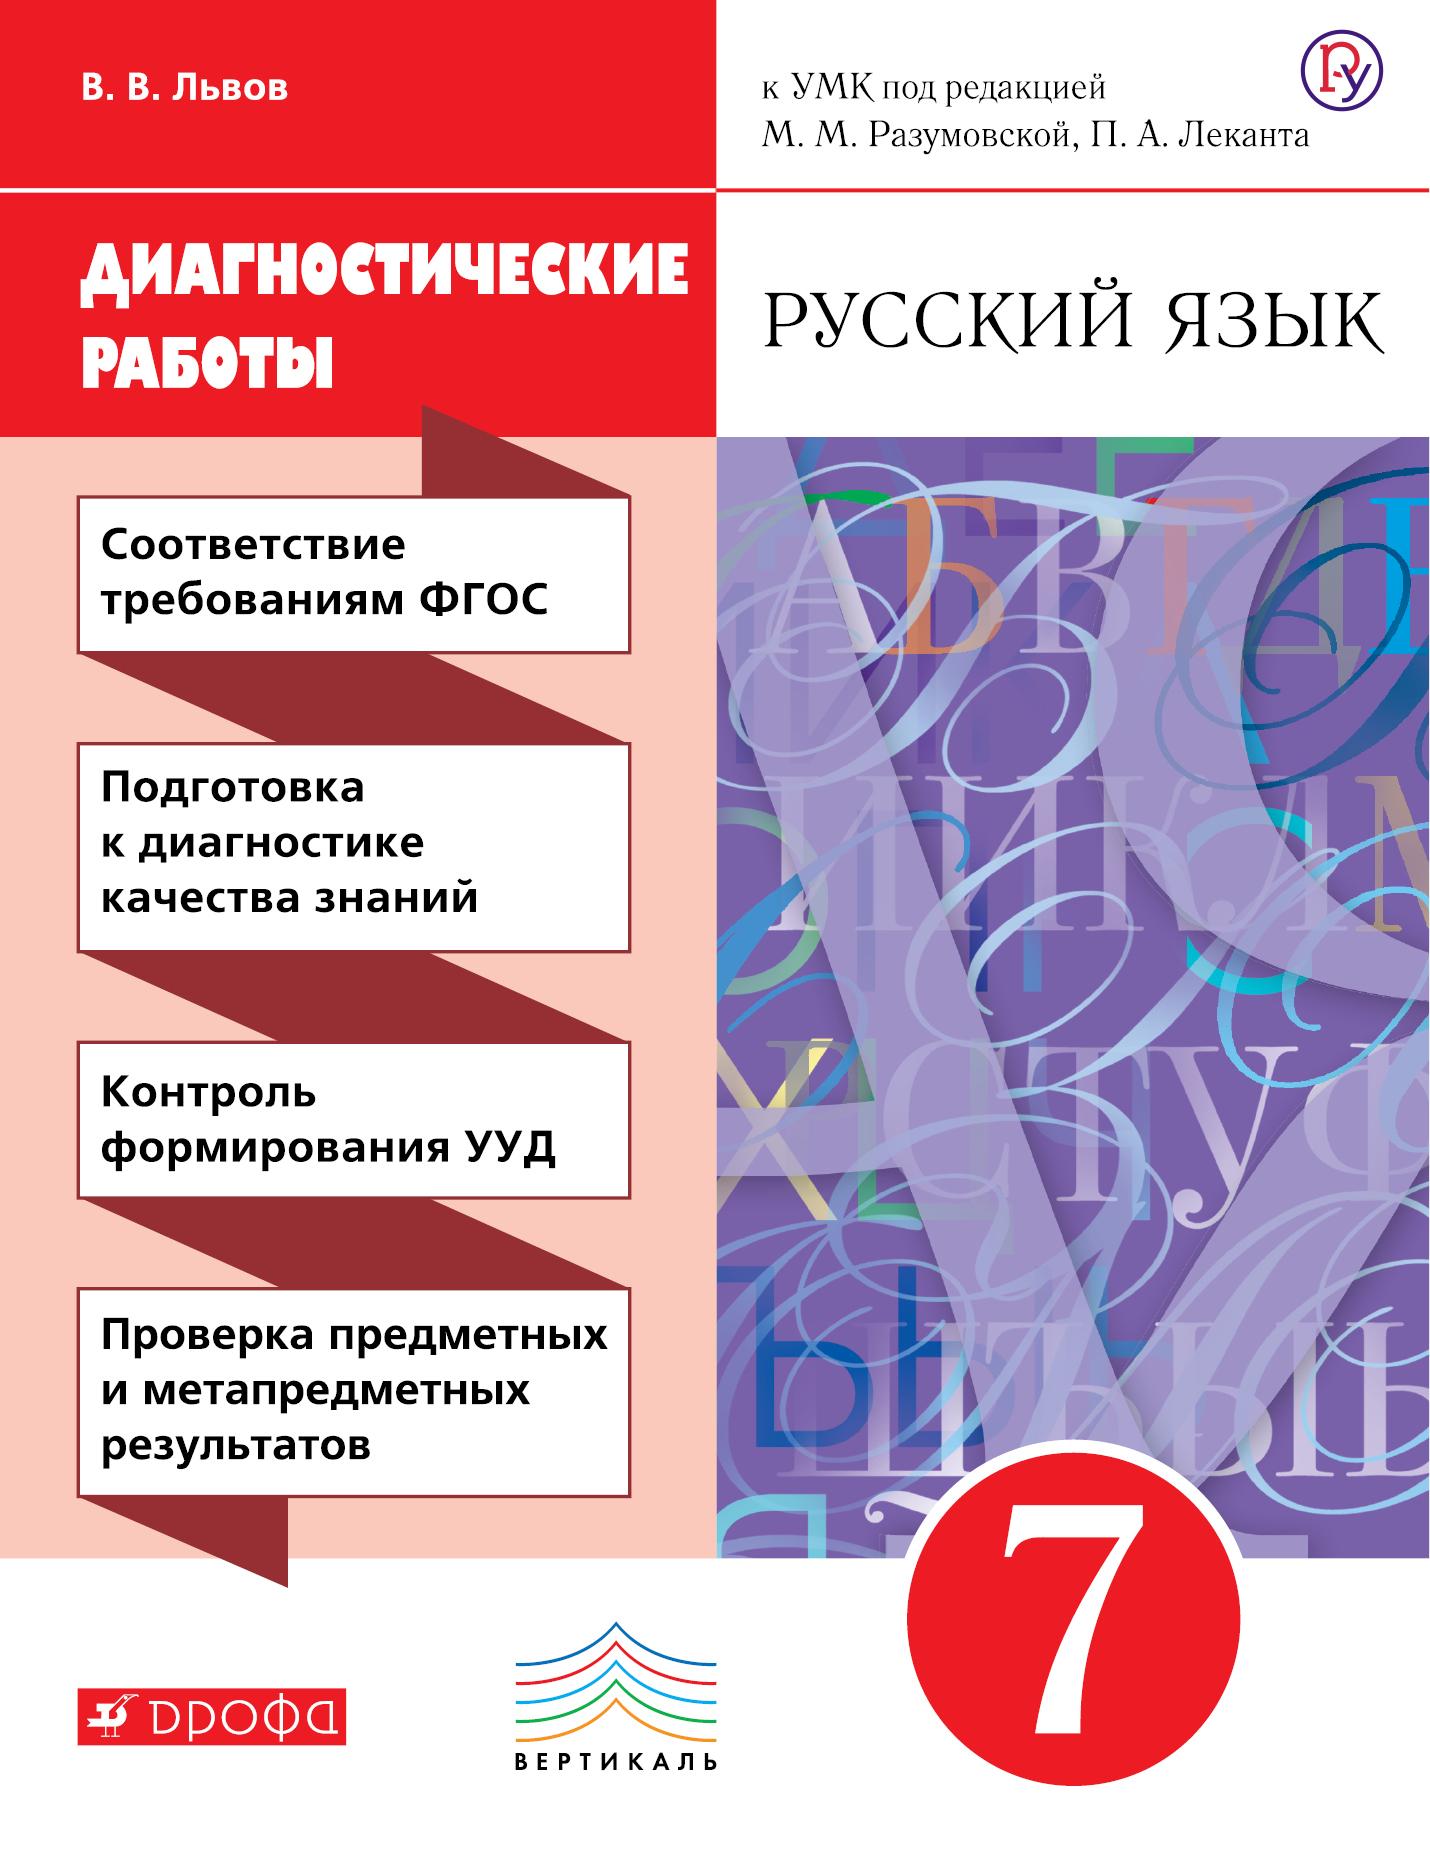 Львов В.В. Русский язык. 7 класс. Рабочая тетрадь (диагностические работы) русский язык 7 класс диагностические работы вертикаль фгос